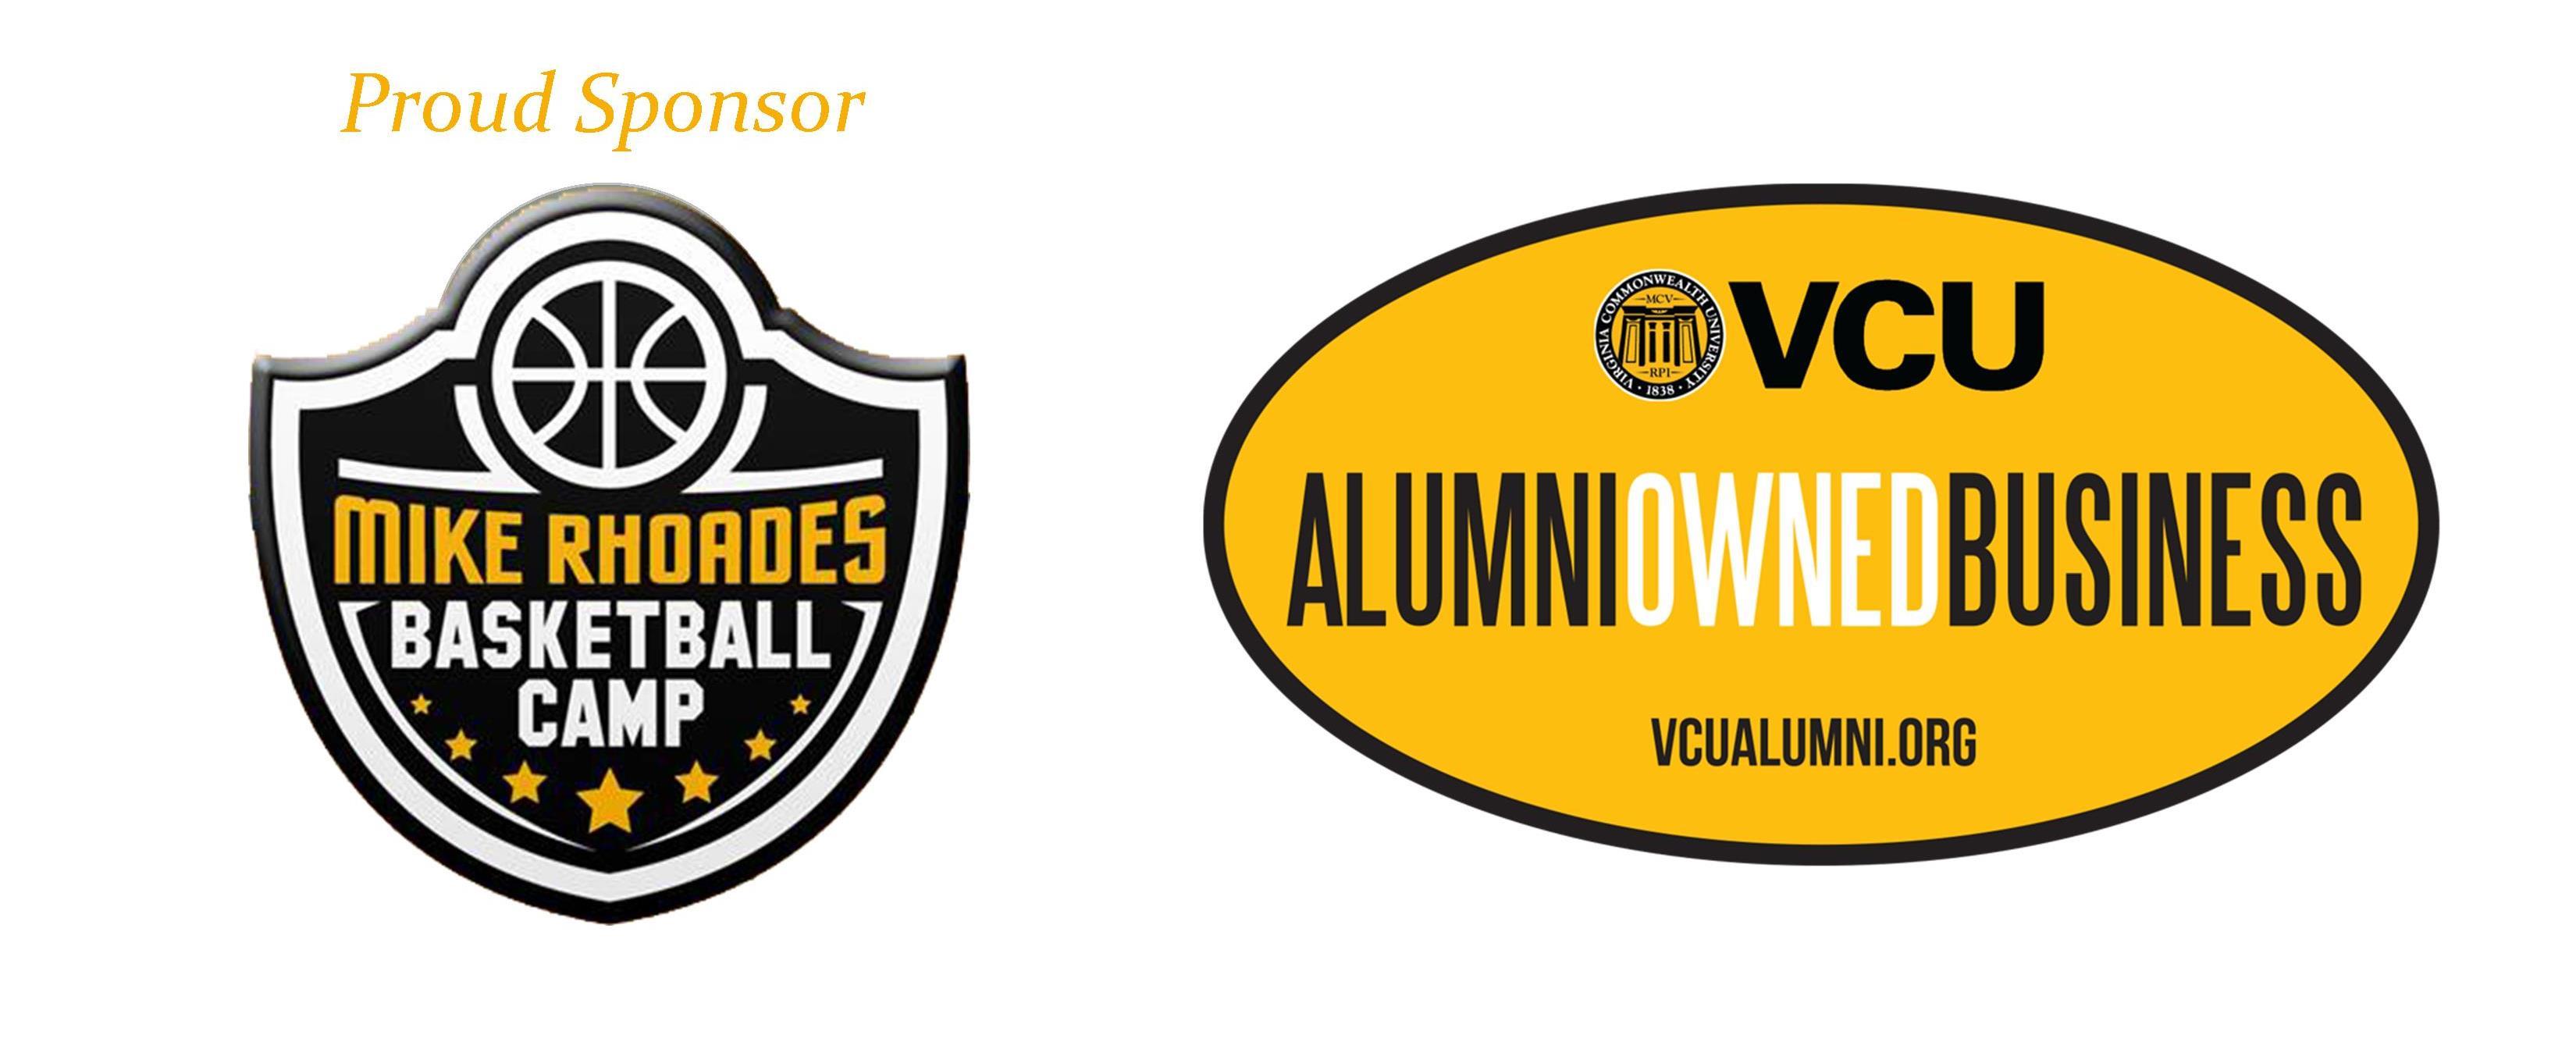 VCU Basketball Camp & Alumni